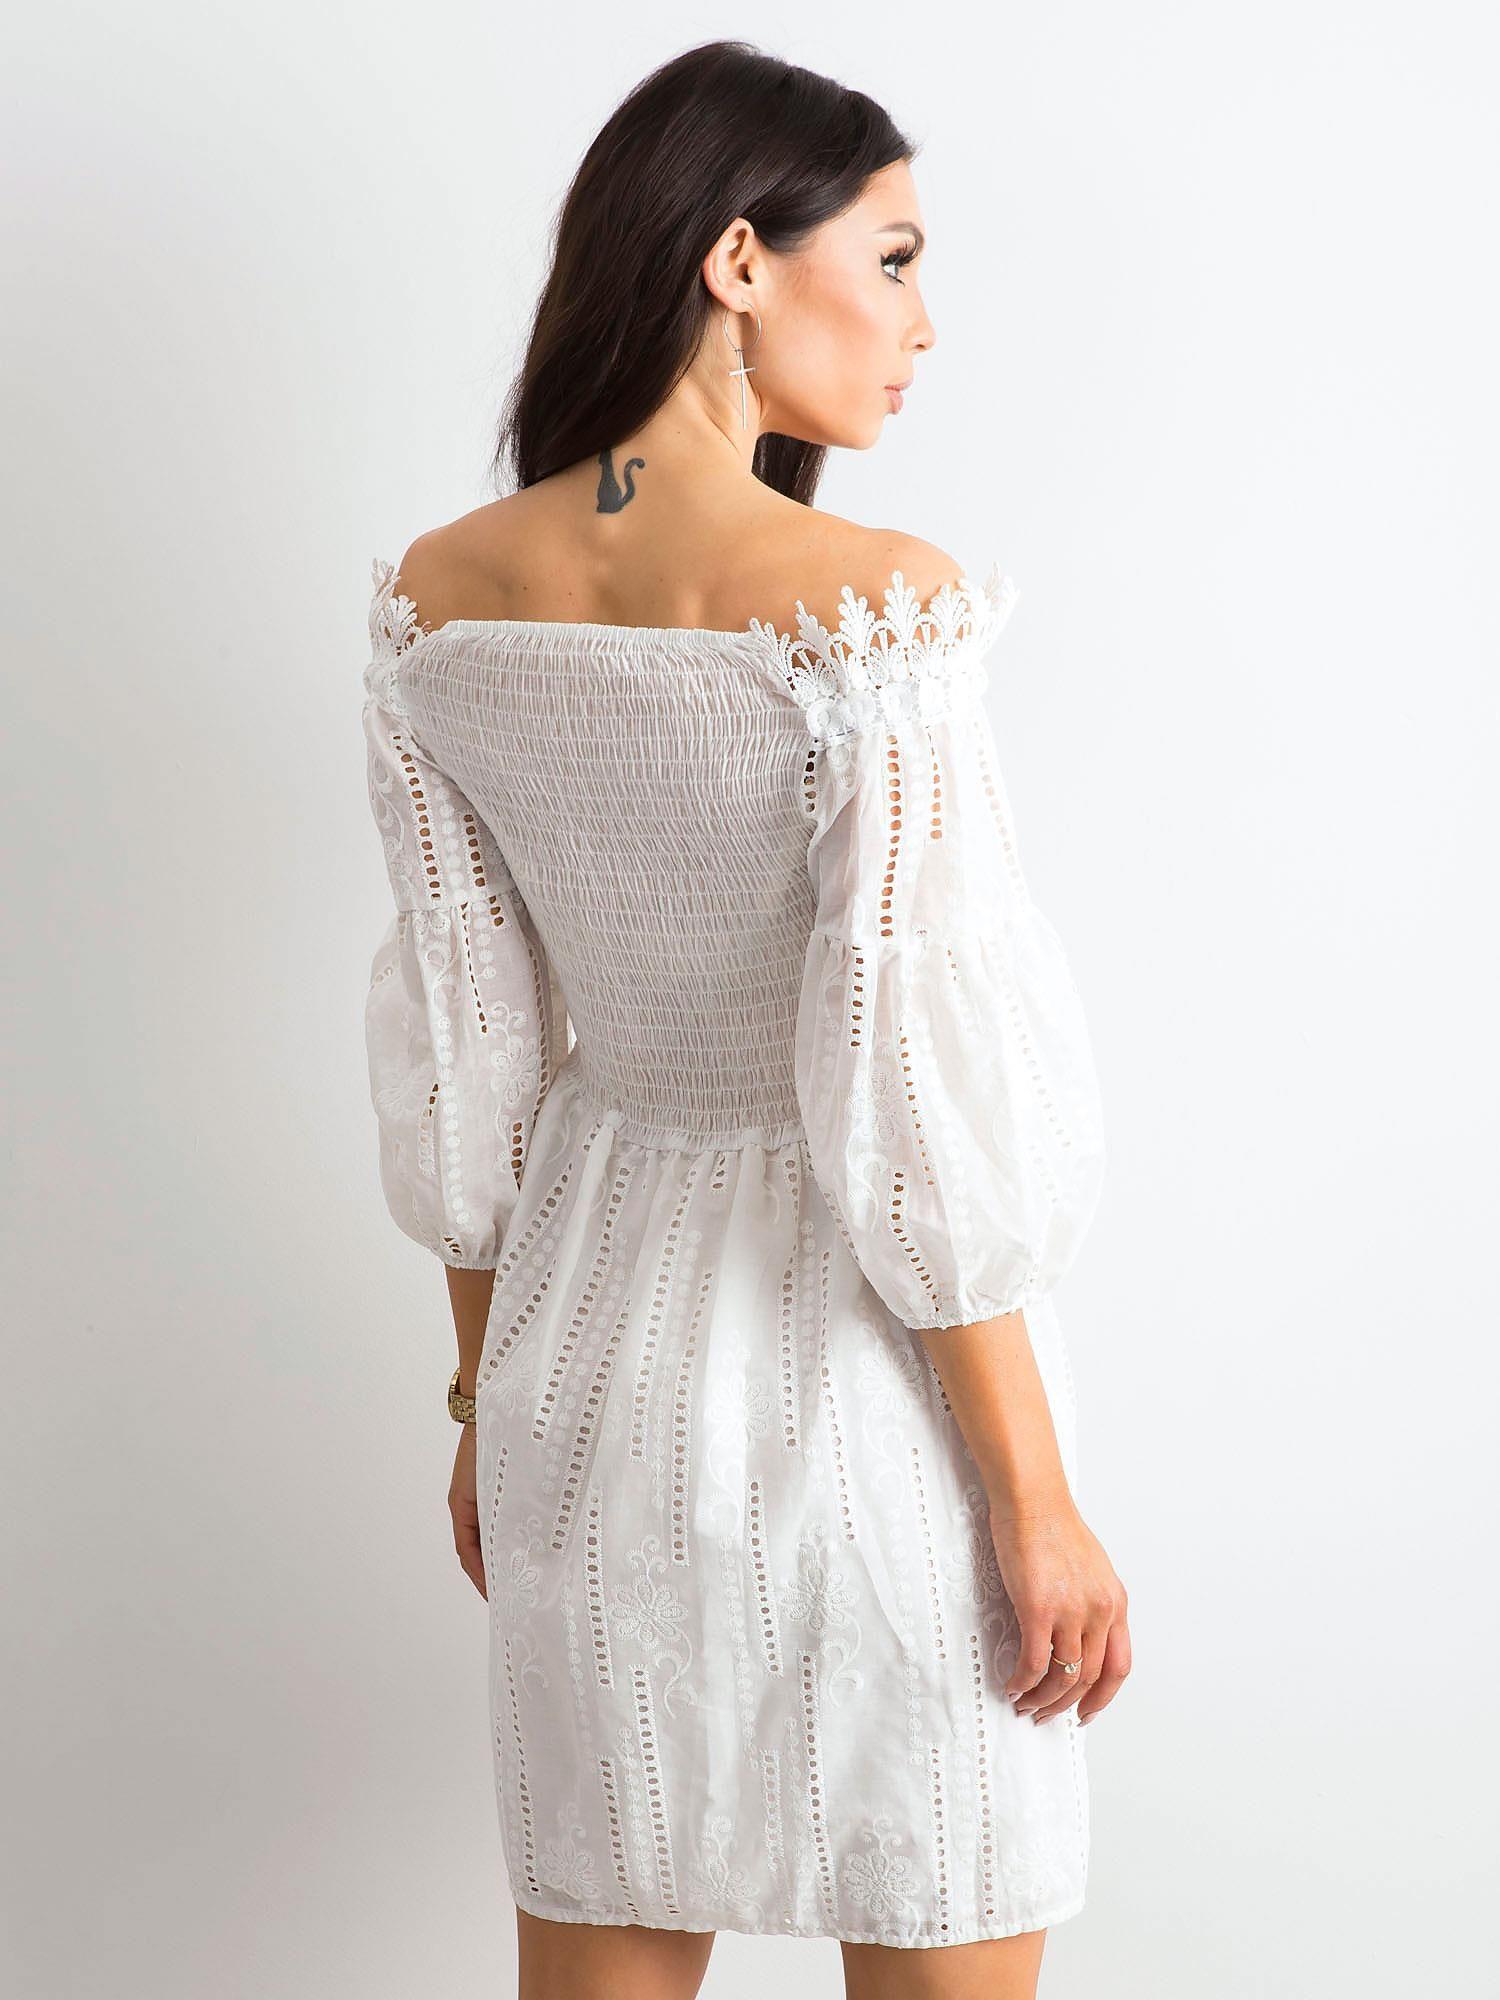 2206afb1932 Sukienka boho biała - Sukienka z koronką - sklep eButik.pl